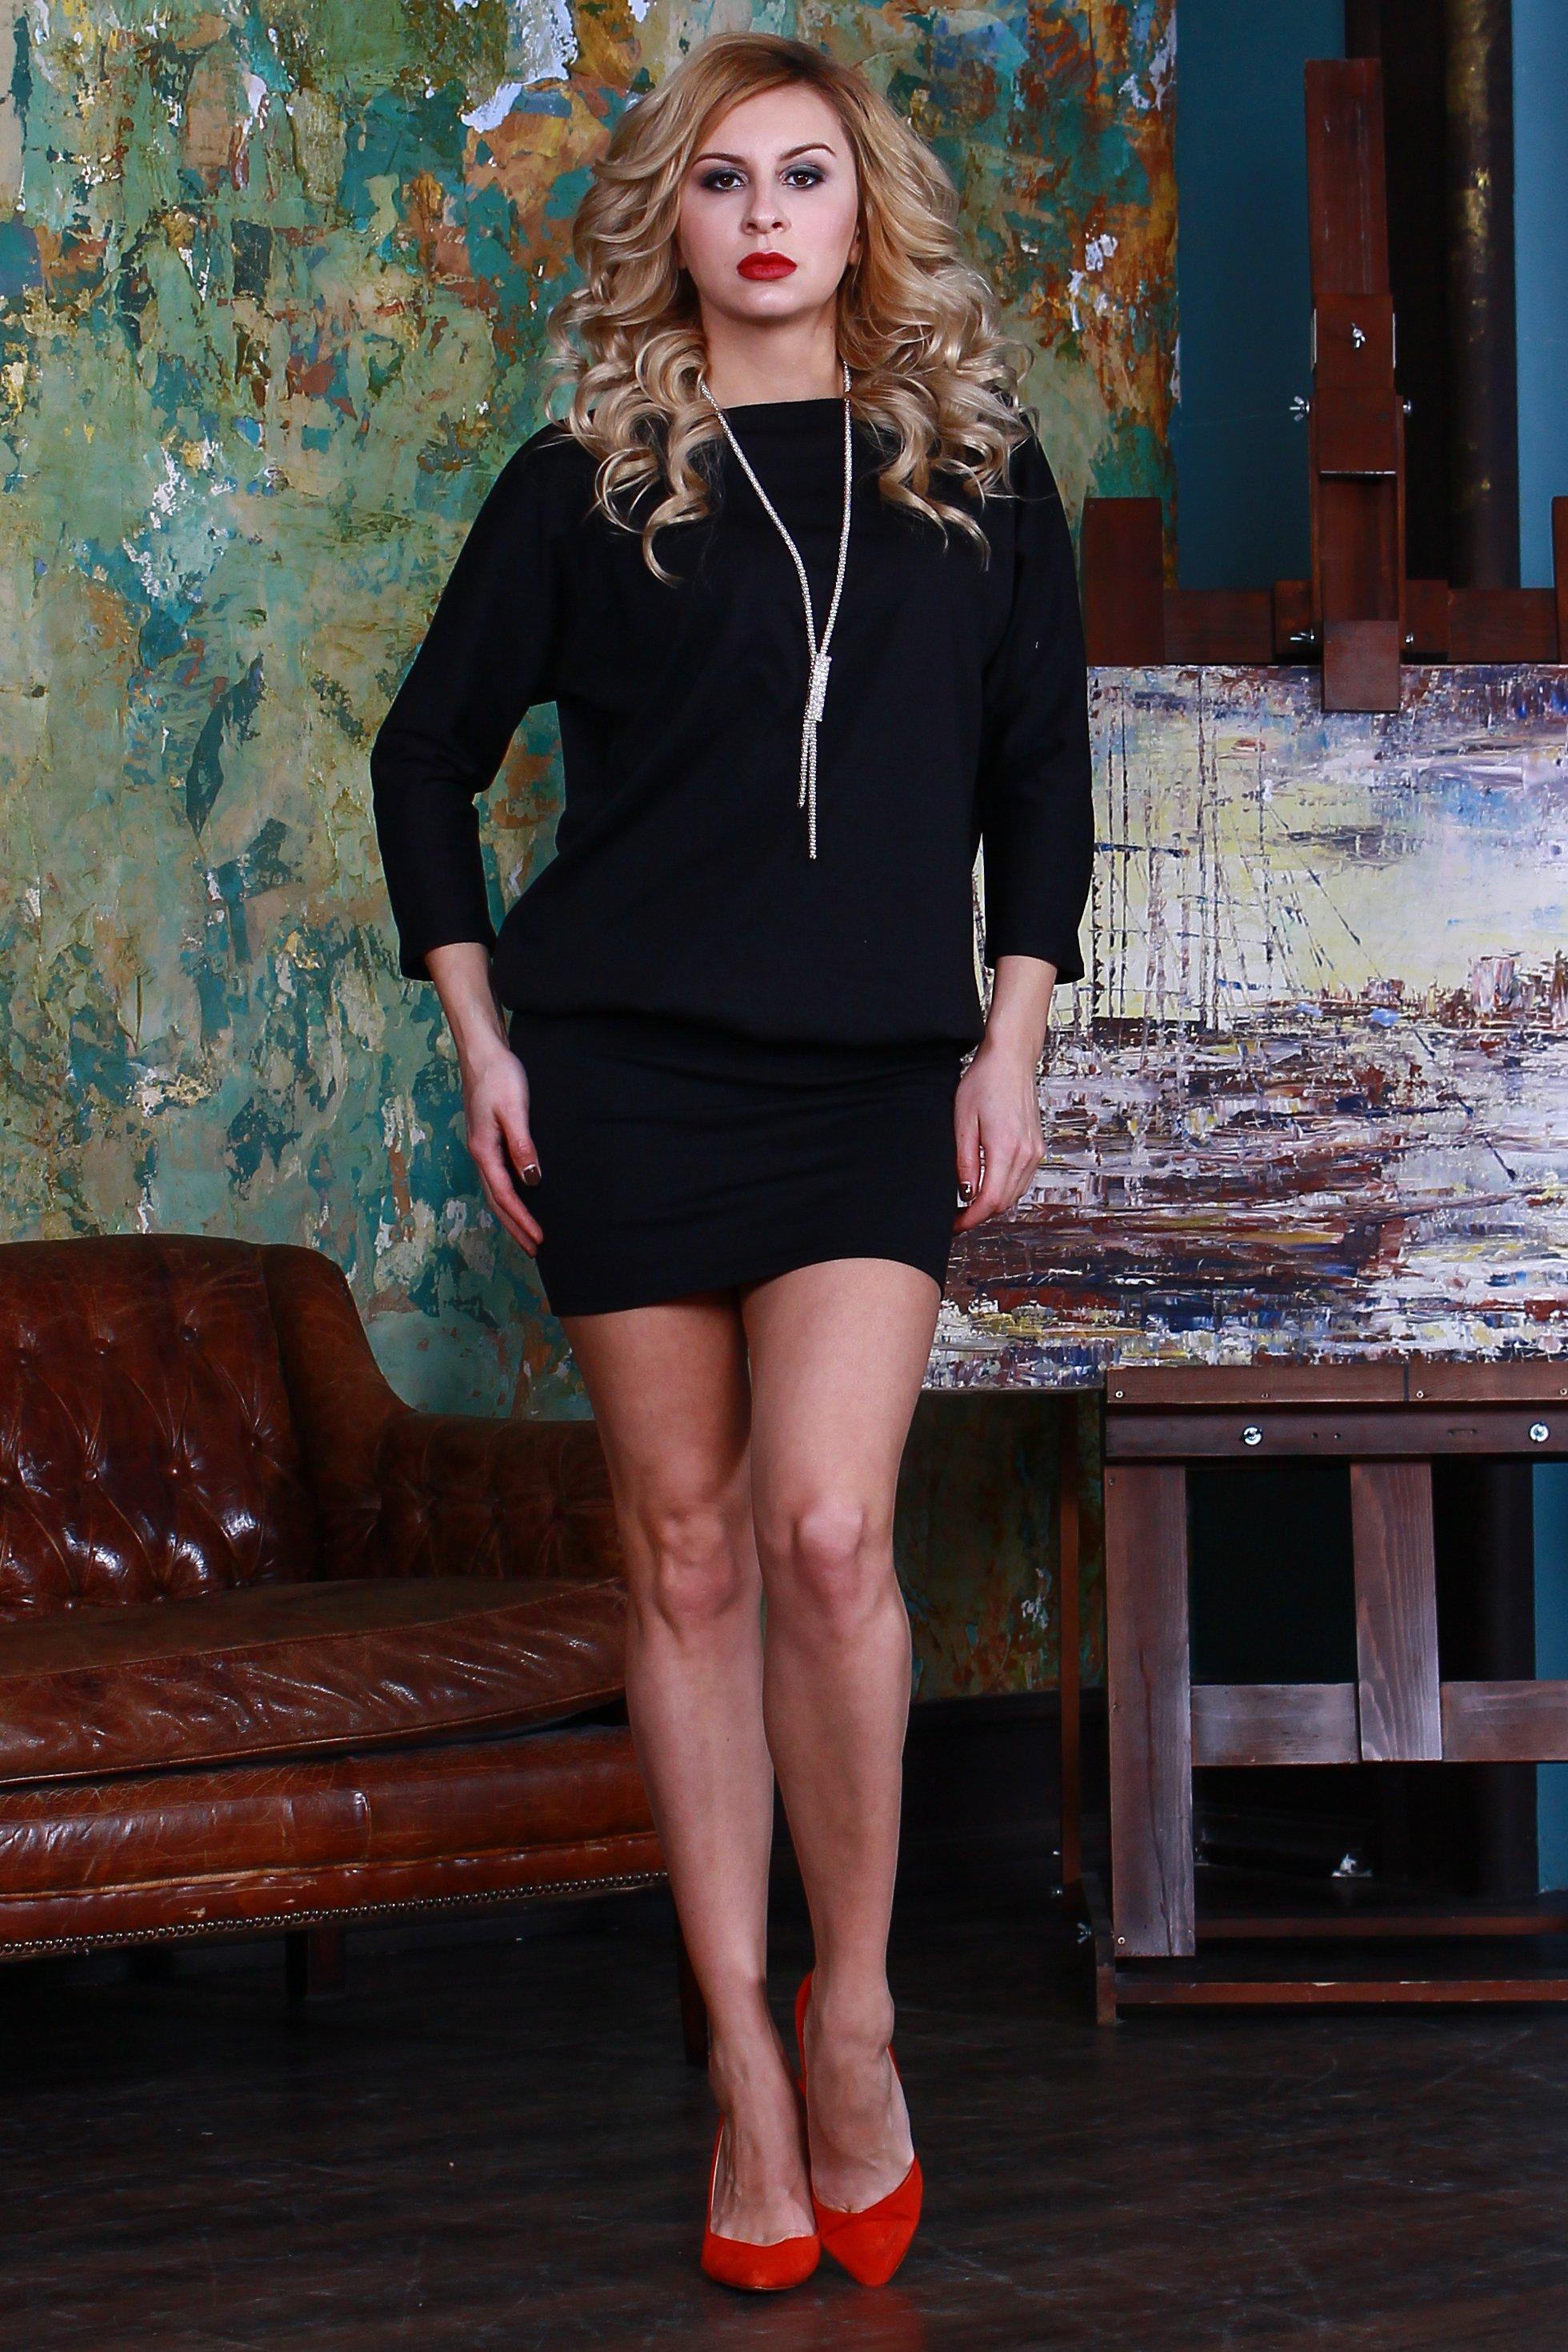 ПлатьеПлатья<br>Платье из плотного джерси. Верх платья свободного силуэта с цельнокроенными рукавами, нижняя часть (отрезная по линии бедер) плотно облегает фигуру.   Длина изделия от 94 см до 108 см, в зависимости от размера.  Цвет: черный  Рост девушки-фотомодели 175 см<br><br>Горловина: С- горловина<br>По длине: До колена<br>По материалу: Трикотаж<br>По образу: Город,Свидание<br>По рисунку: Однотонные<br>По силуэту: Полуприталенные<br>По стилю: Повседневный стиль<br>По форме: Платье - футляр<br>Рукав: Рукав три четверти<br>По сезону: Осень,Весна<br>Размер : 46,48<br>Материал: Джерси<br>Количество в наличии: 2